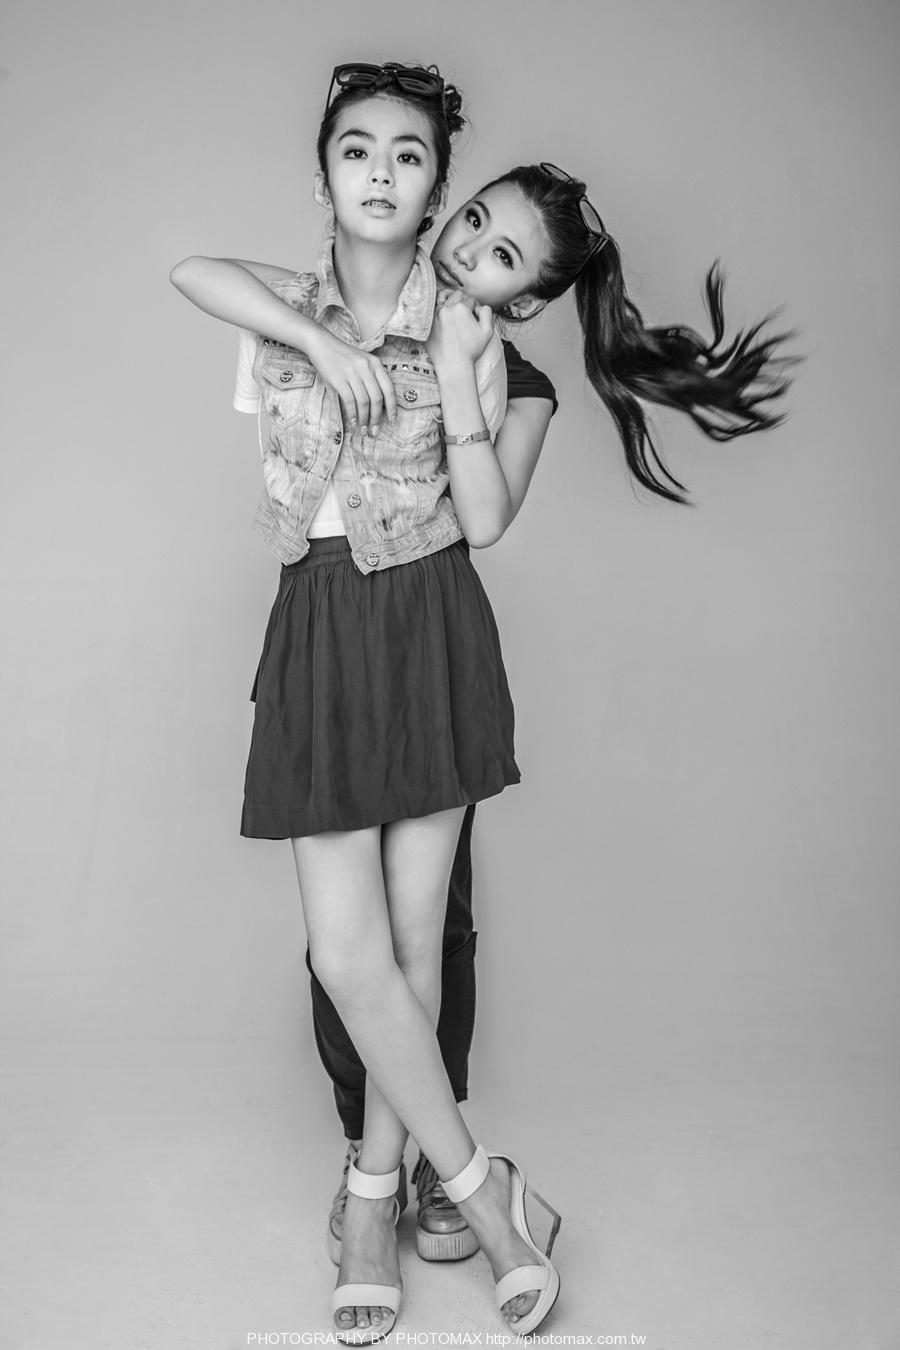 卓琳娜 PHOTOMAX 女神个性写真 PHOTO MAX 老麦摄影 (20)